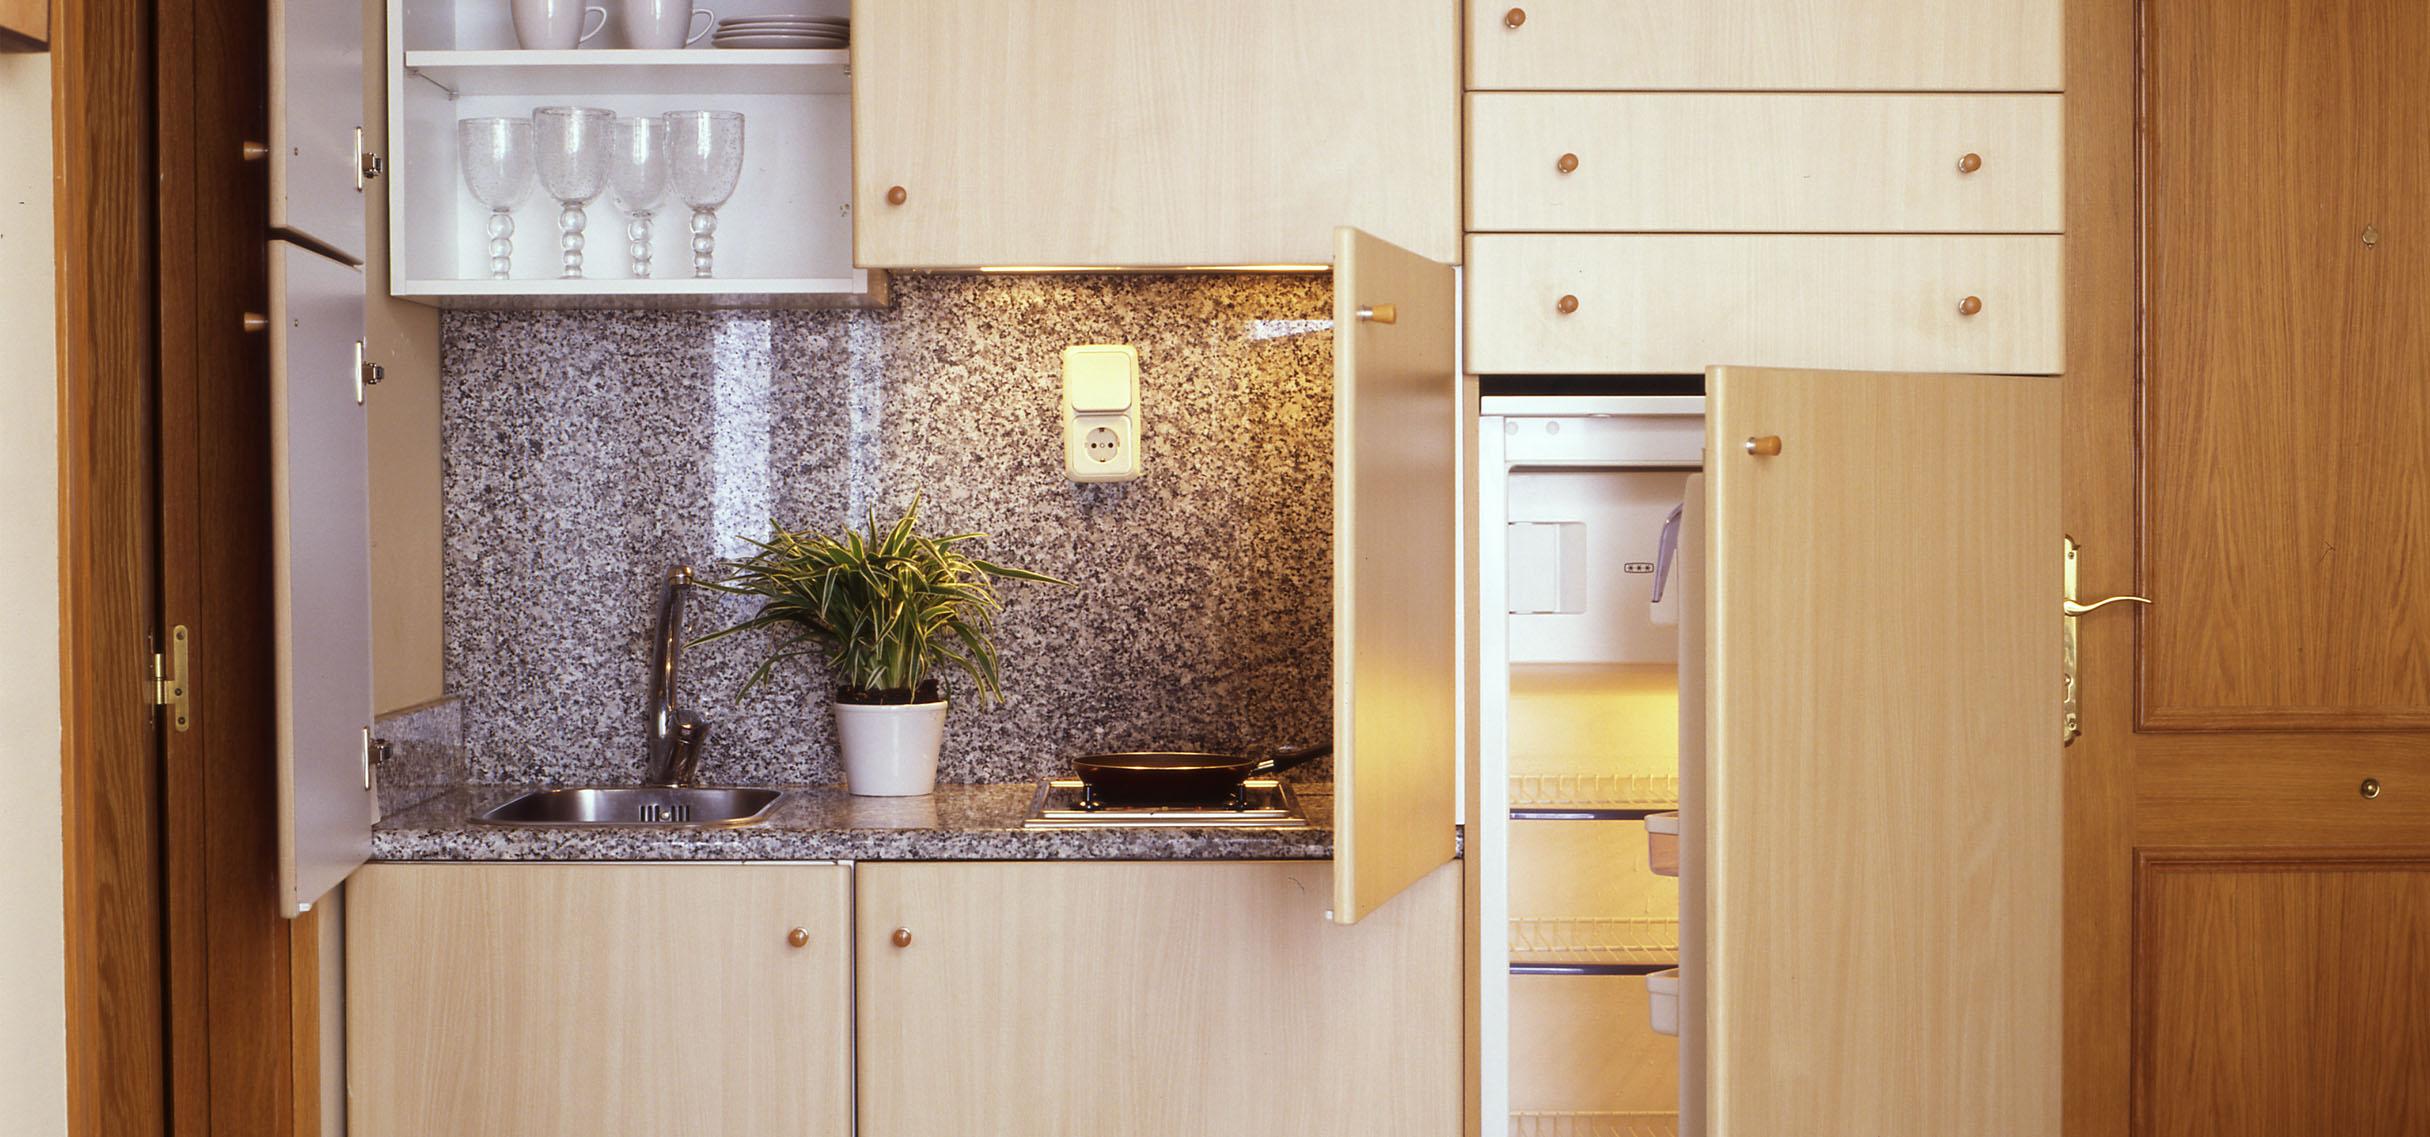 Alquiler Temporal En Madrid Apartamento 1 Habitaci N